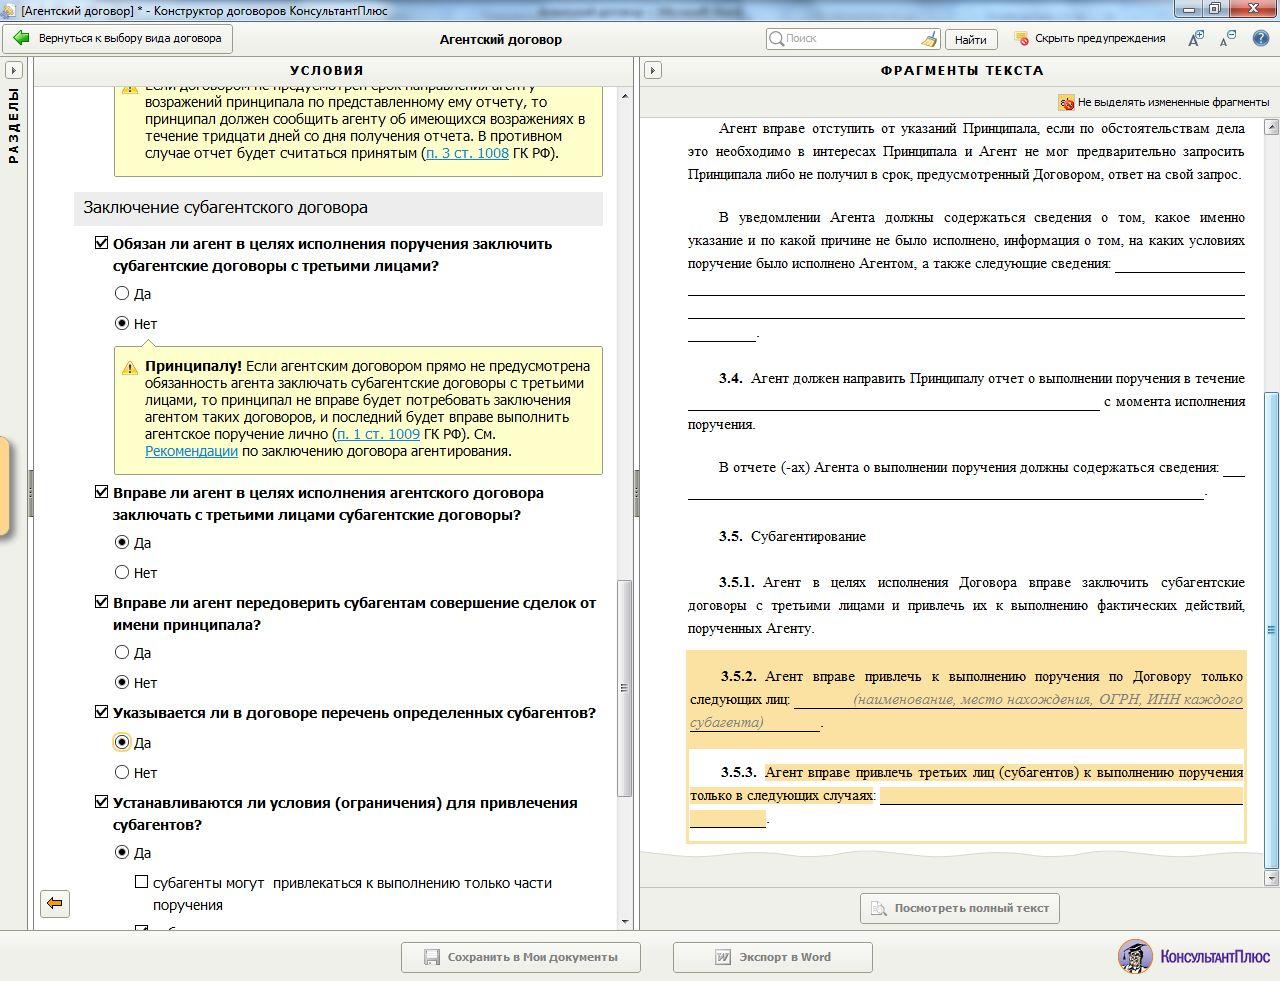 Соблюдения положений в агентском договоре